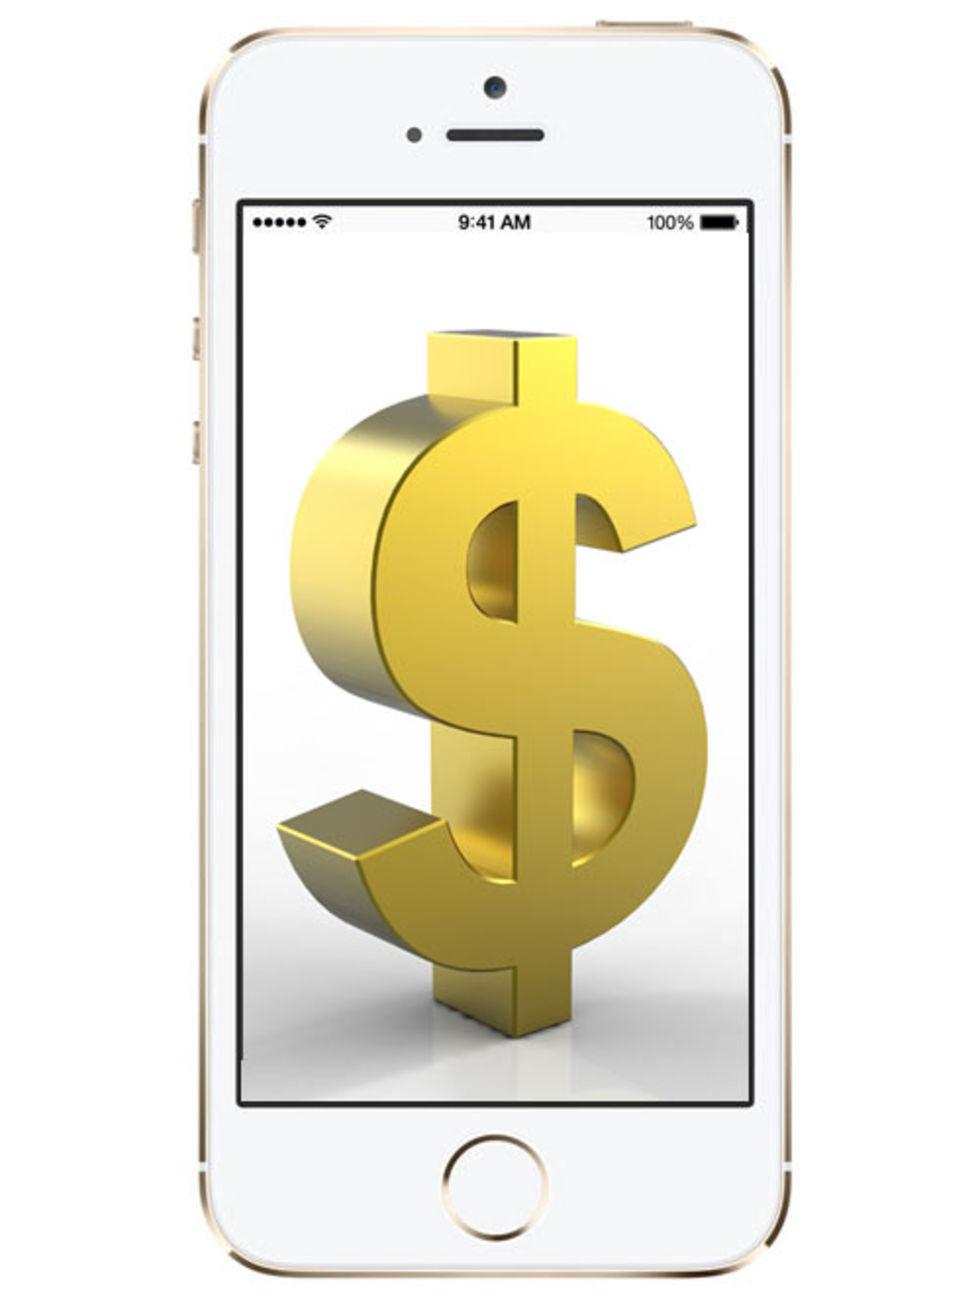 Mobil betallösning från Apple?